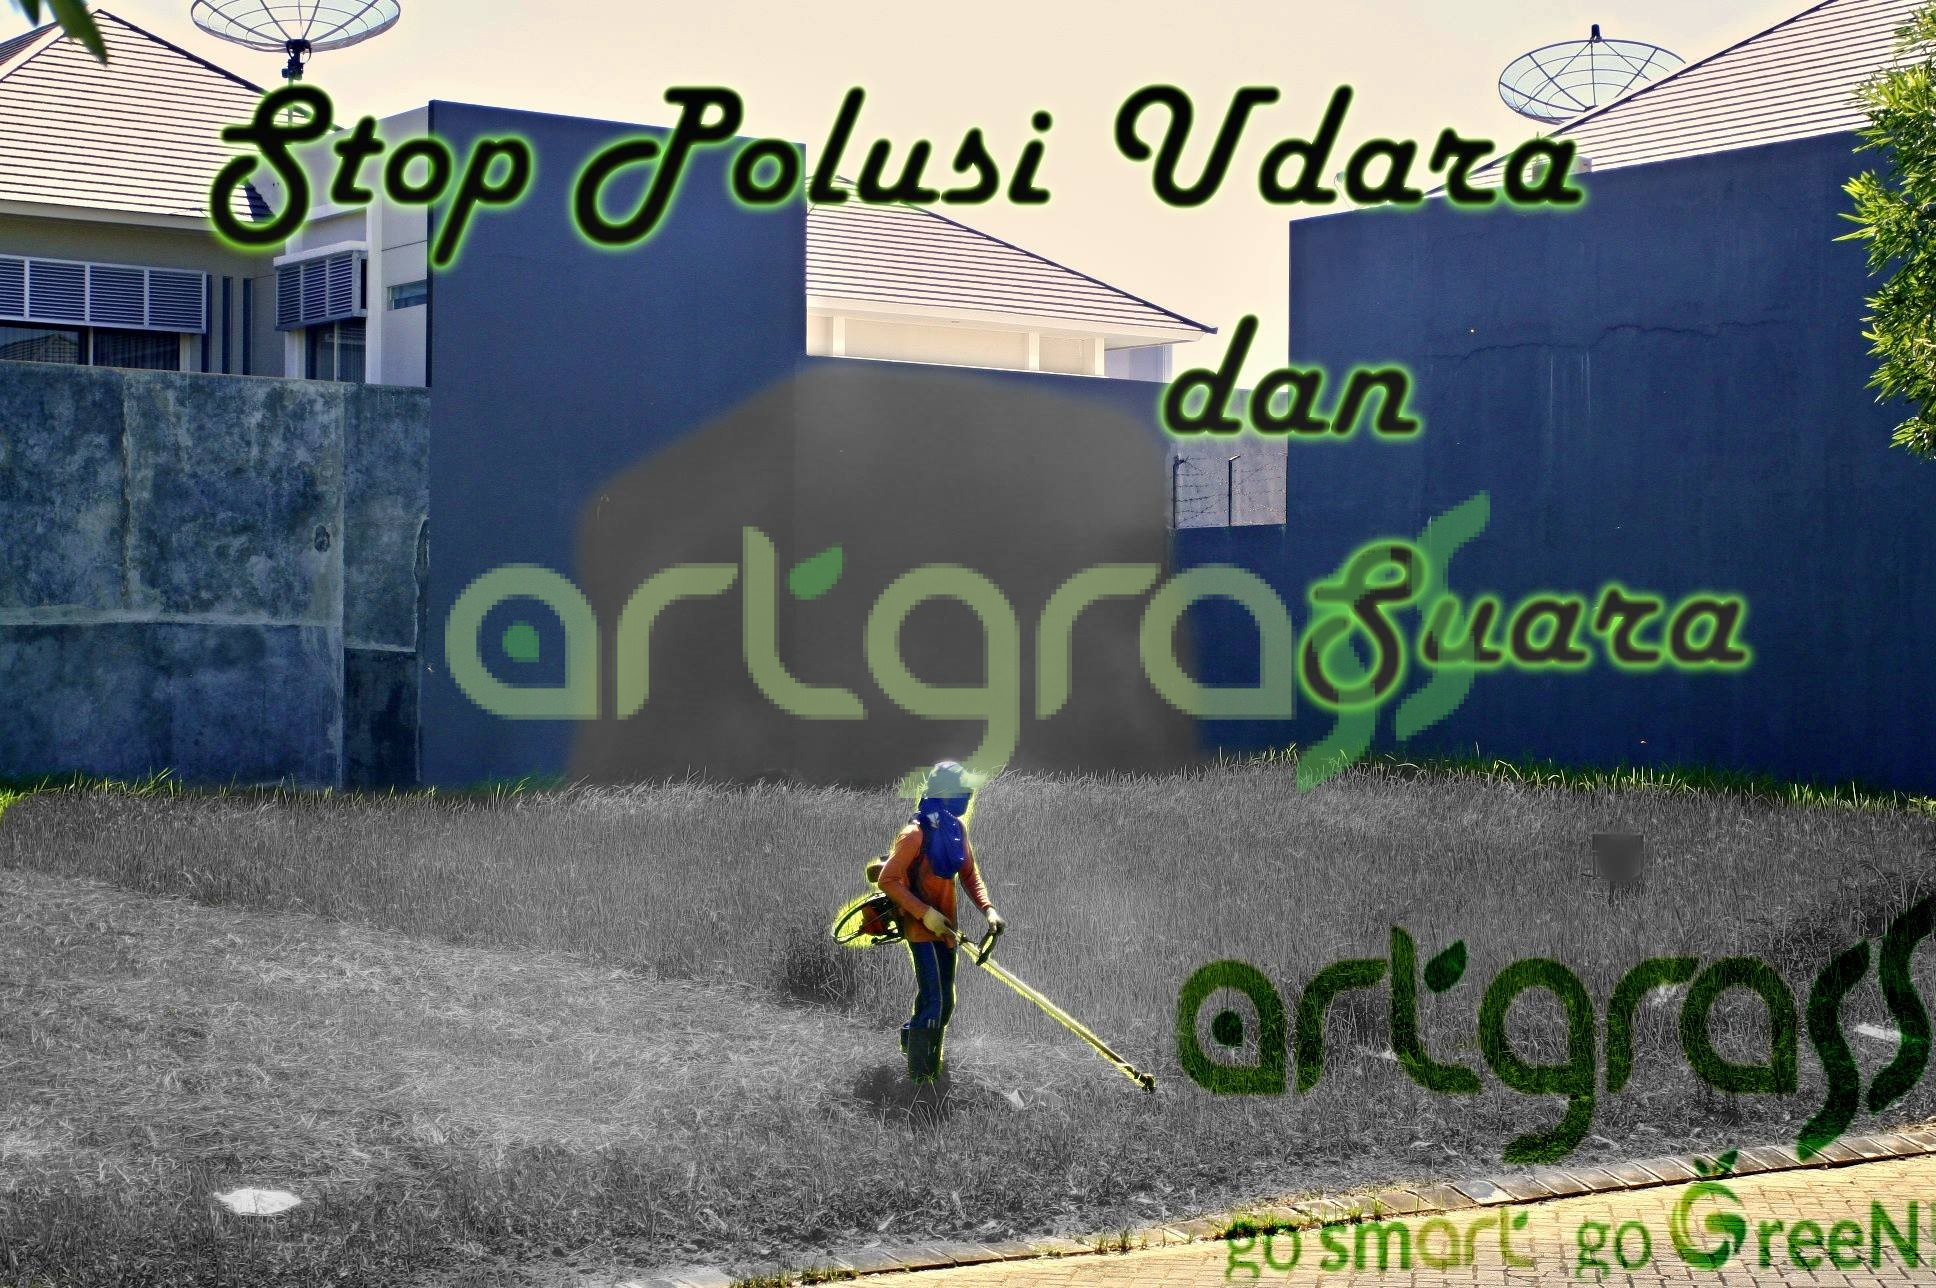 ArtGrass-Stop-Polusi-Udara-dan-Suara